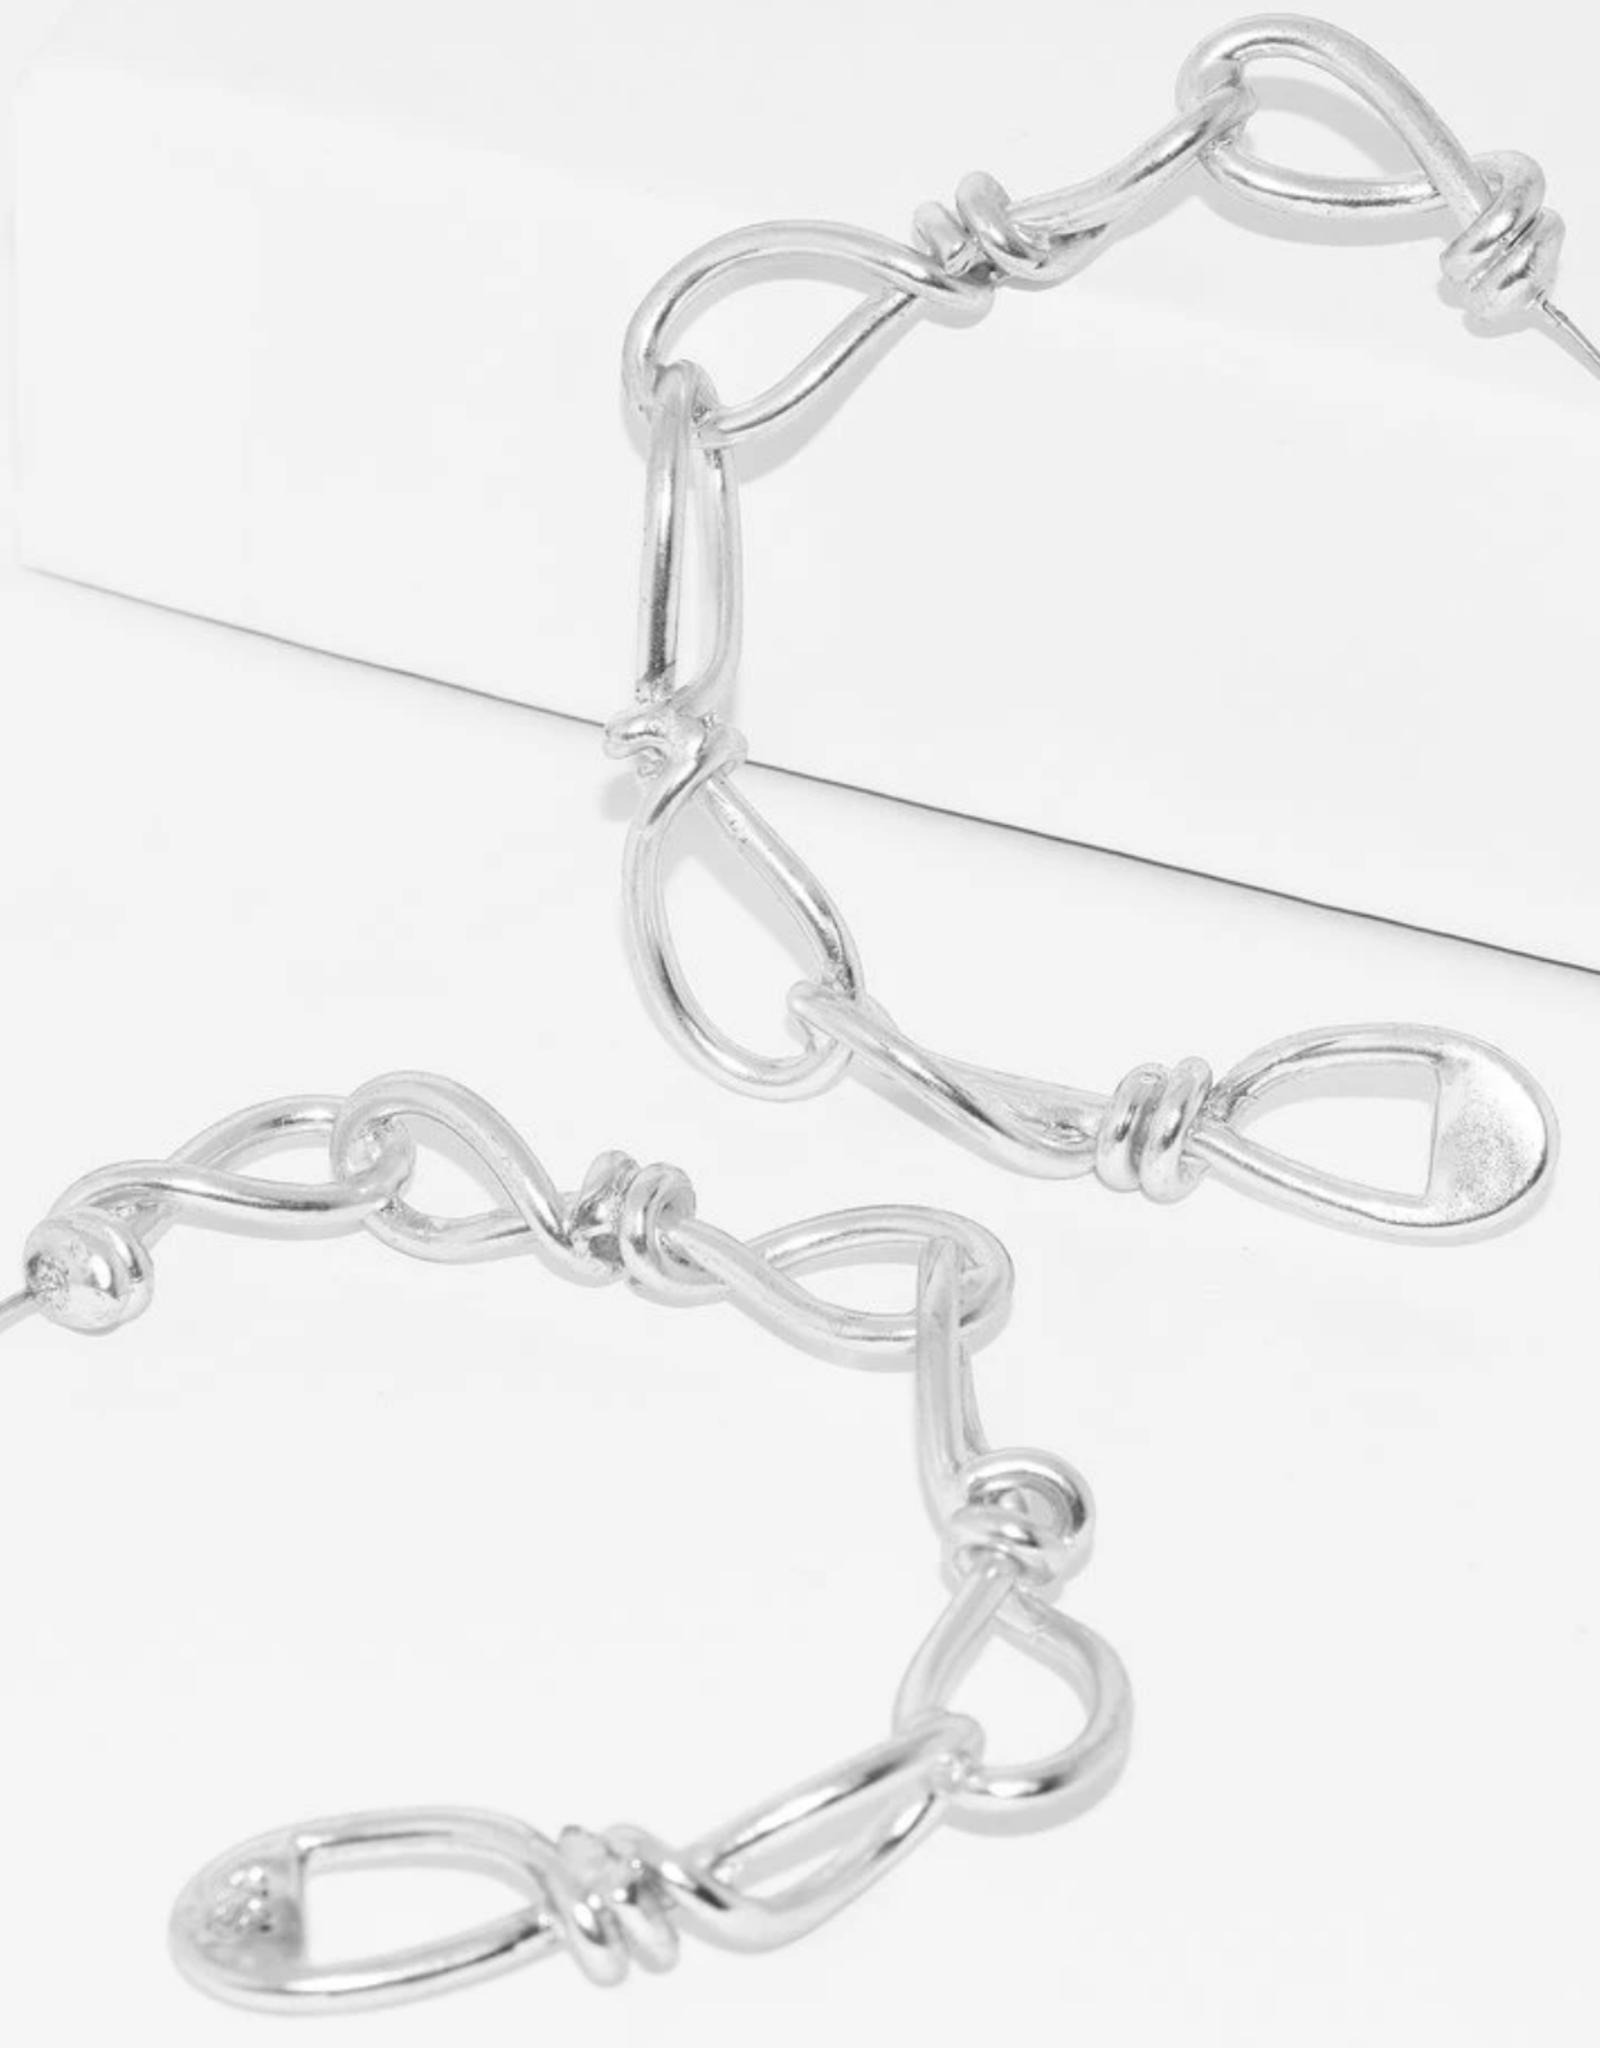 Karine Sultan Large Twisted Link Hoop Earrings 24 kt gold plated pewter.